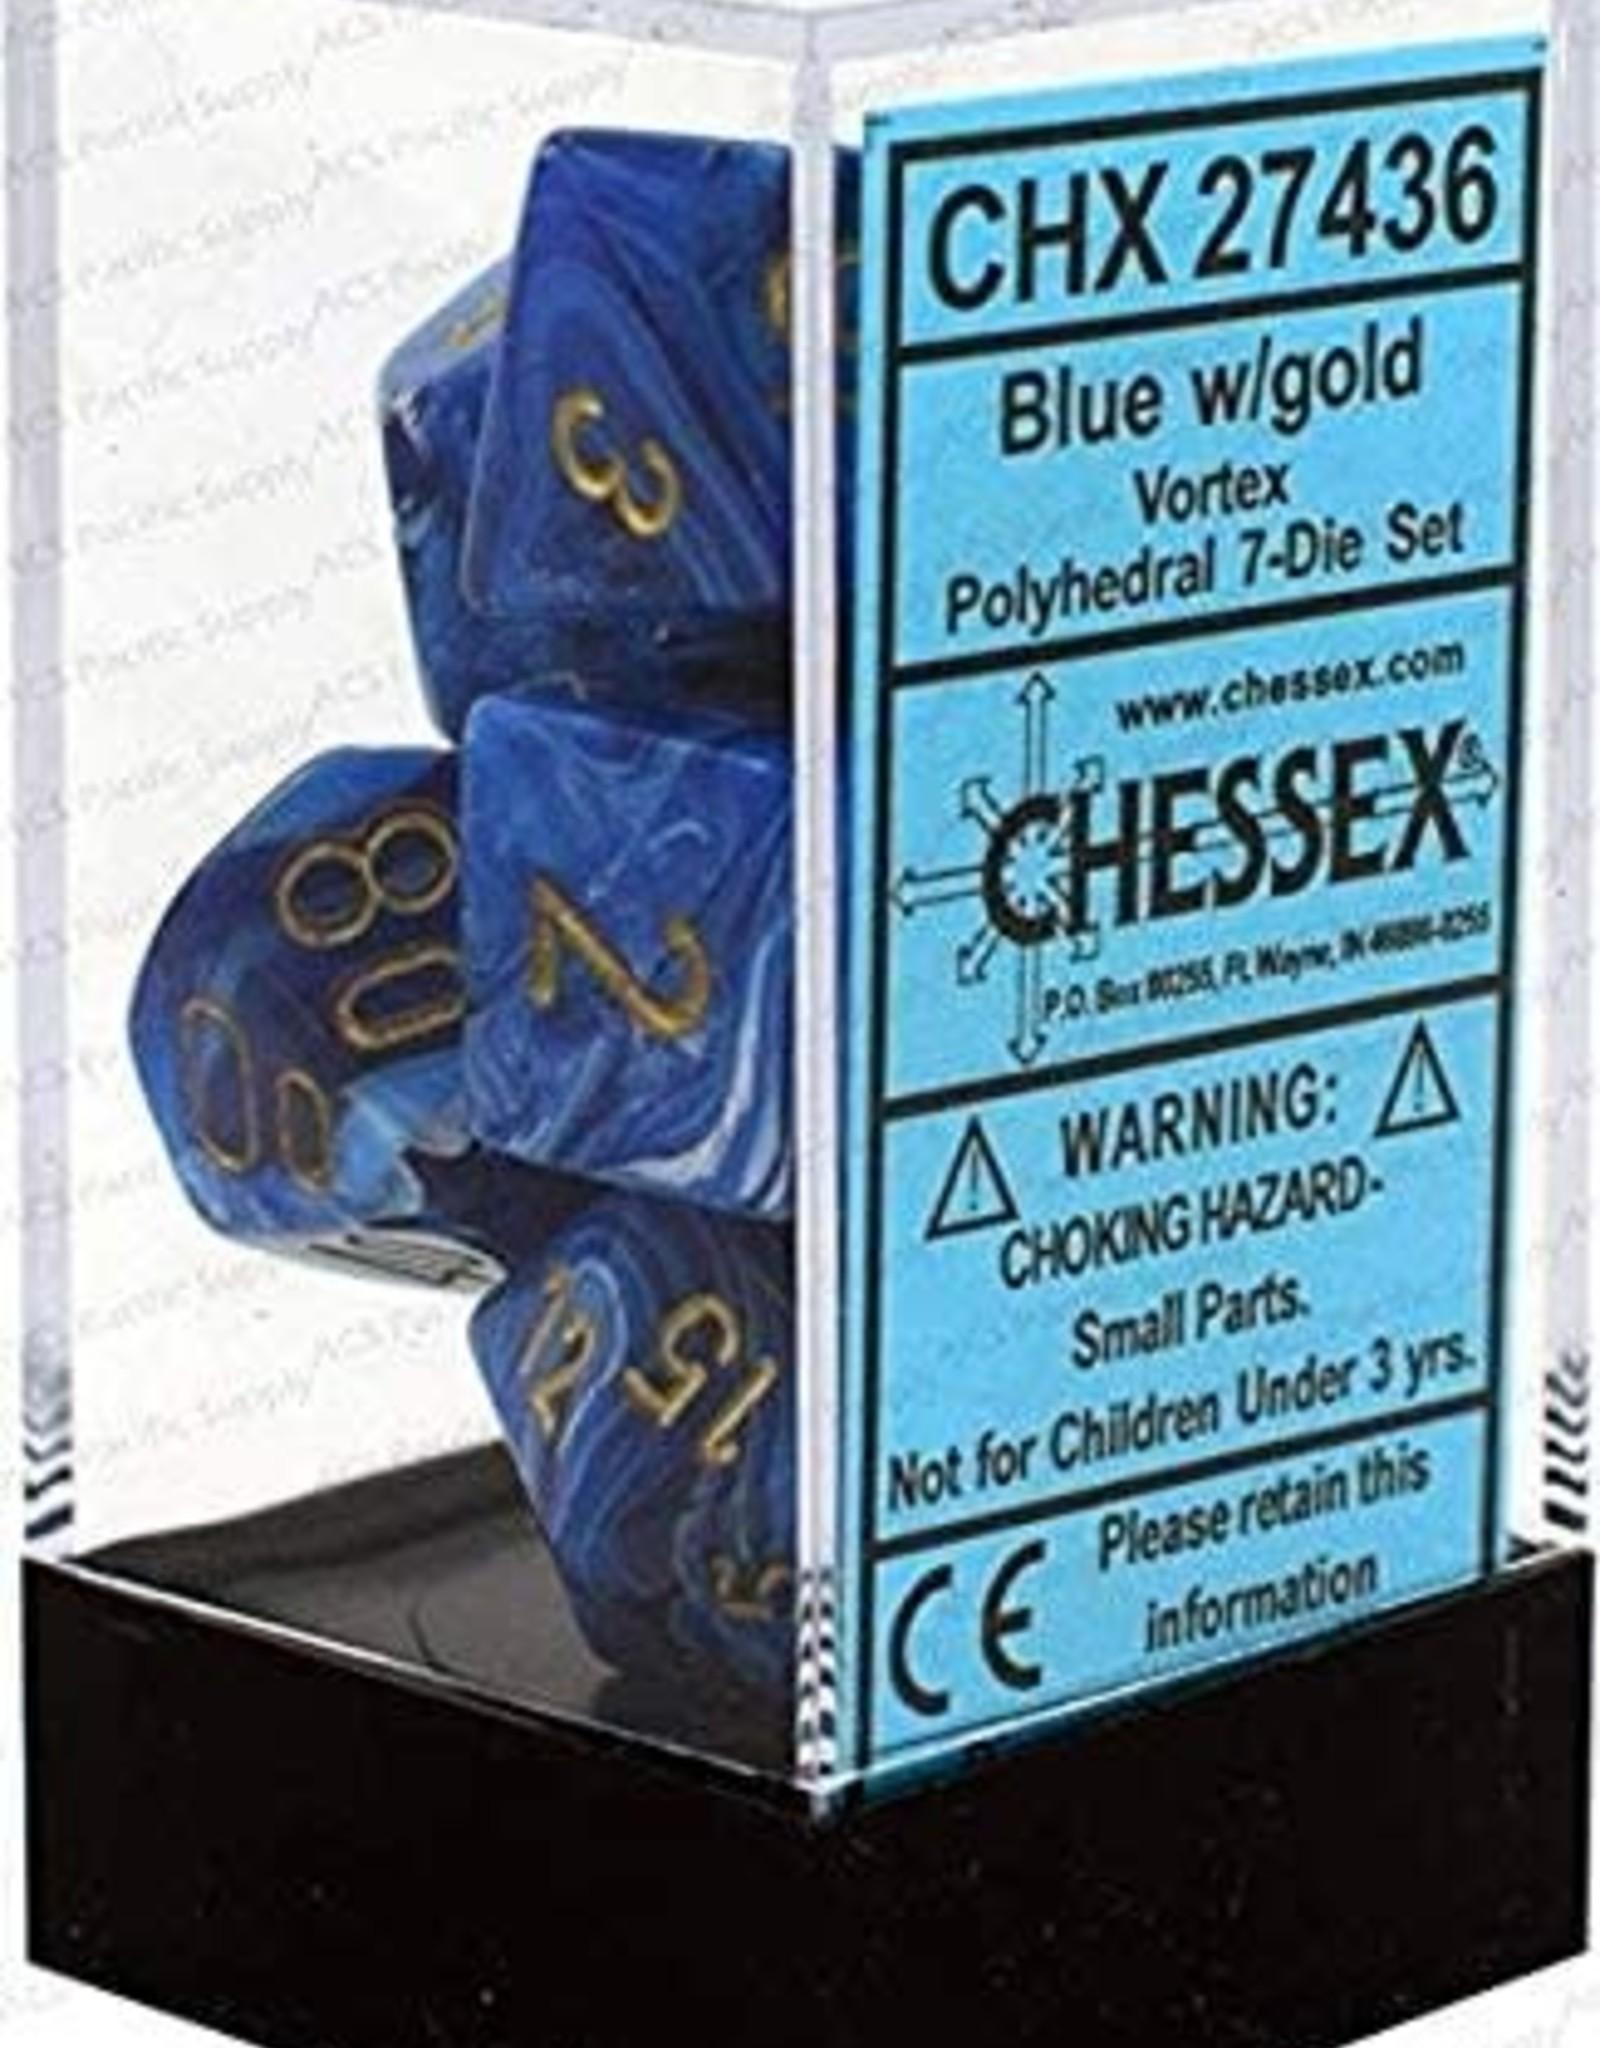 Chessex Vortex Poly 7 set: Blue w/ Gold